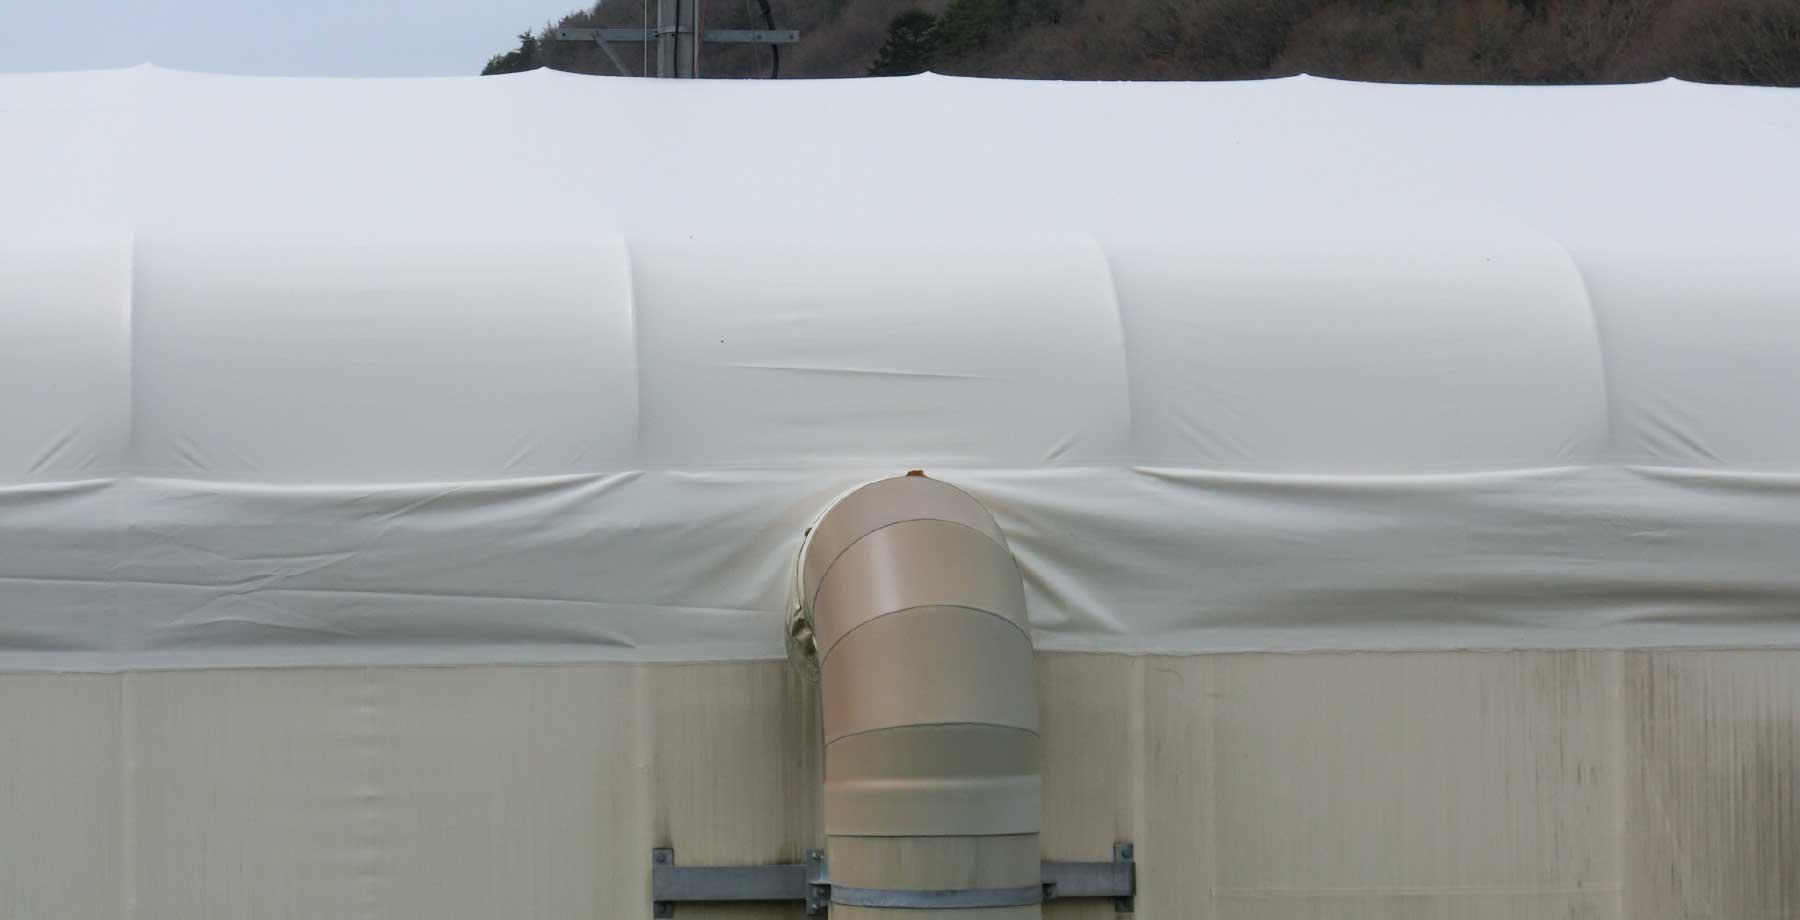 テント倉庫屋根キャップシートの張替え画像3